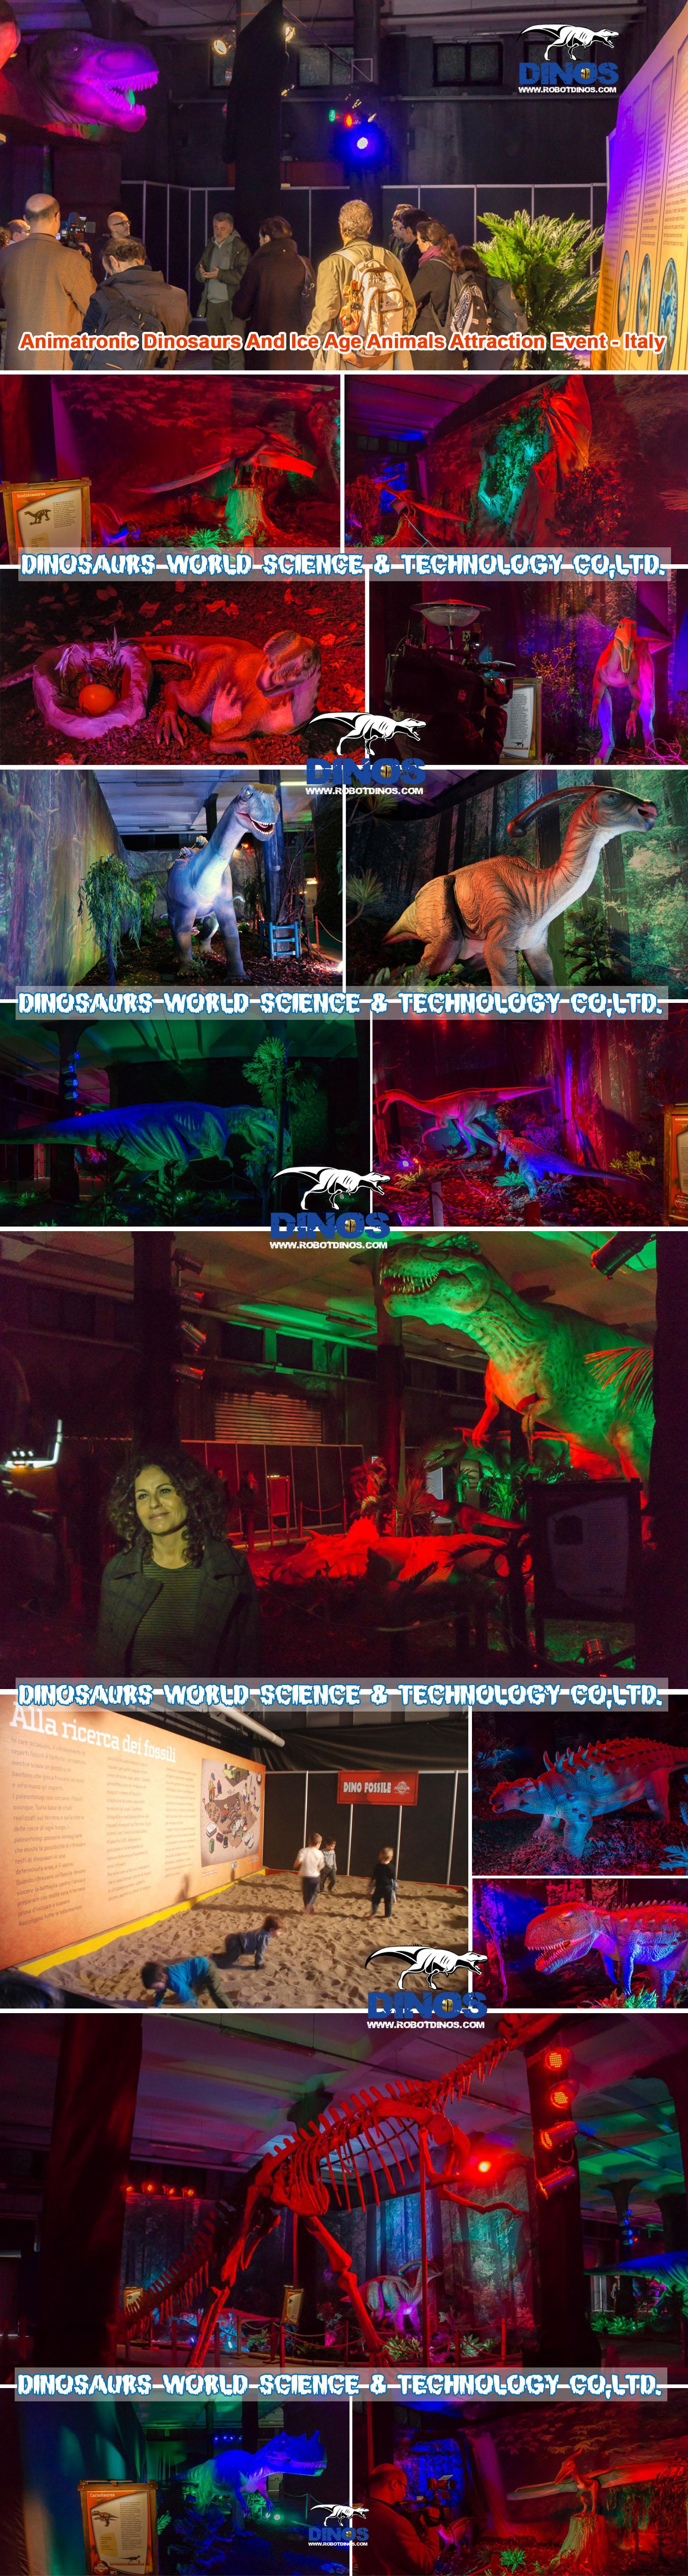 animatronic dinosaur,dinosaur costume,dinosaur event,jurassic park dinosaur,indoor dinosaur exhibition,dinosaur factory,dinosaur supplier